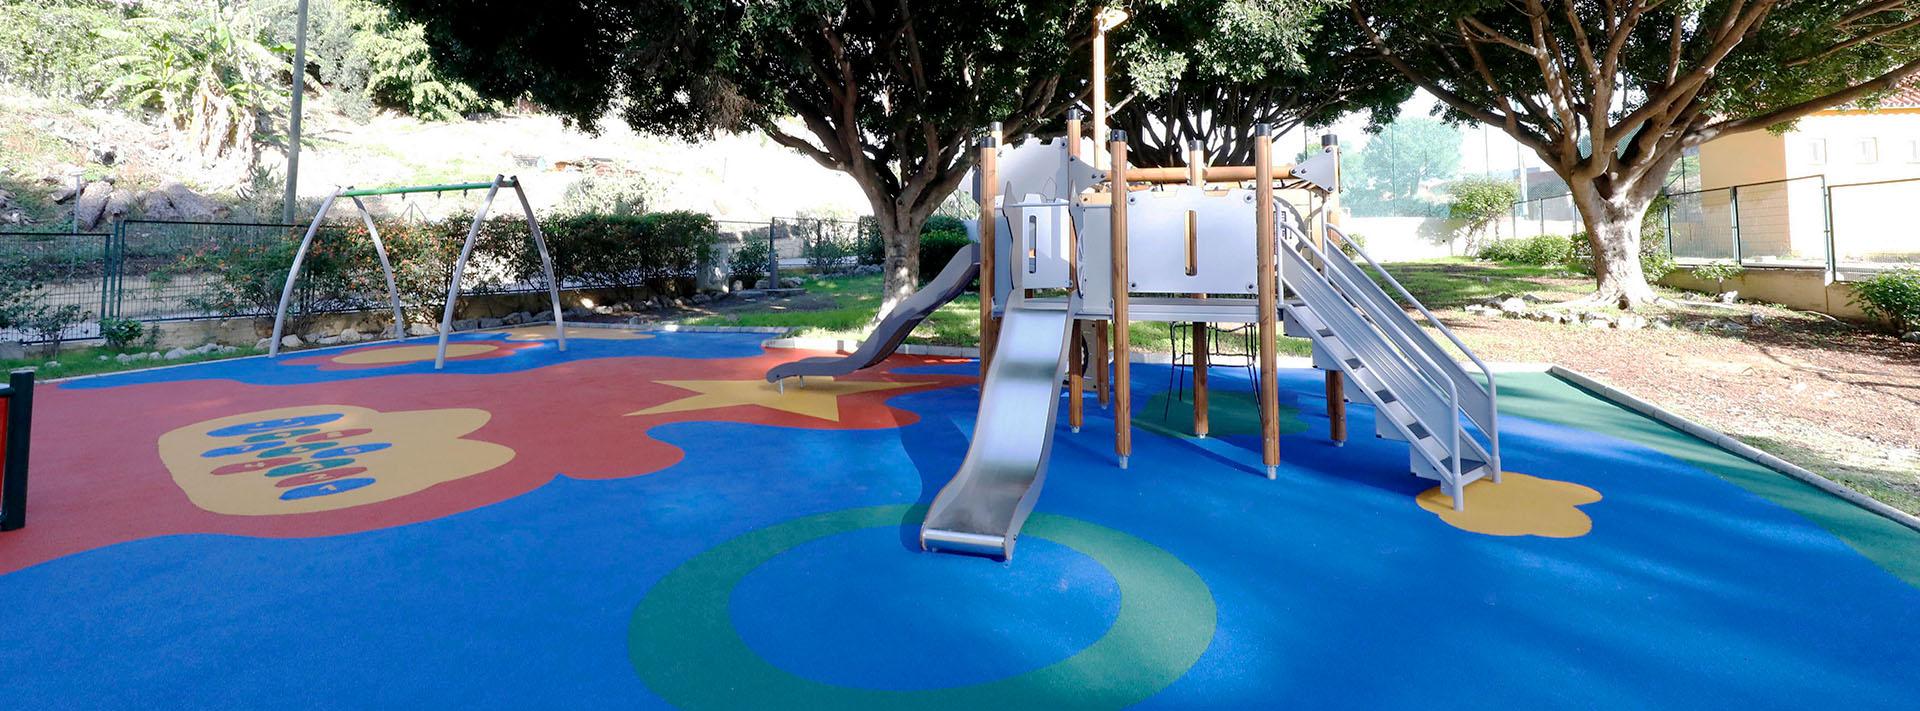 Nuevo acondicionamiento del parque infantil de El Salto del Agua